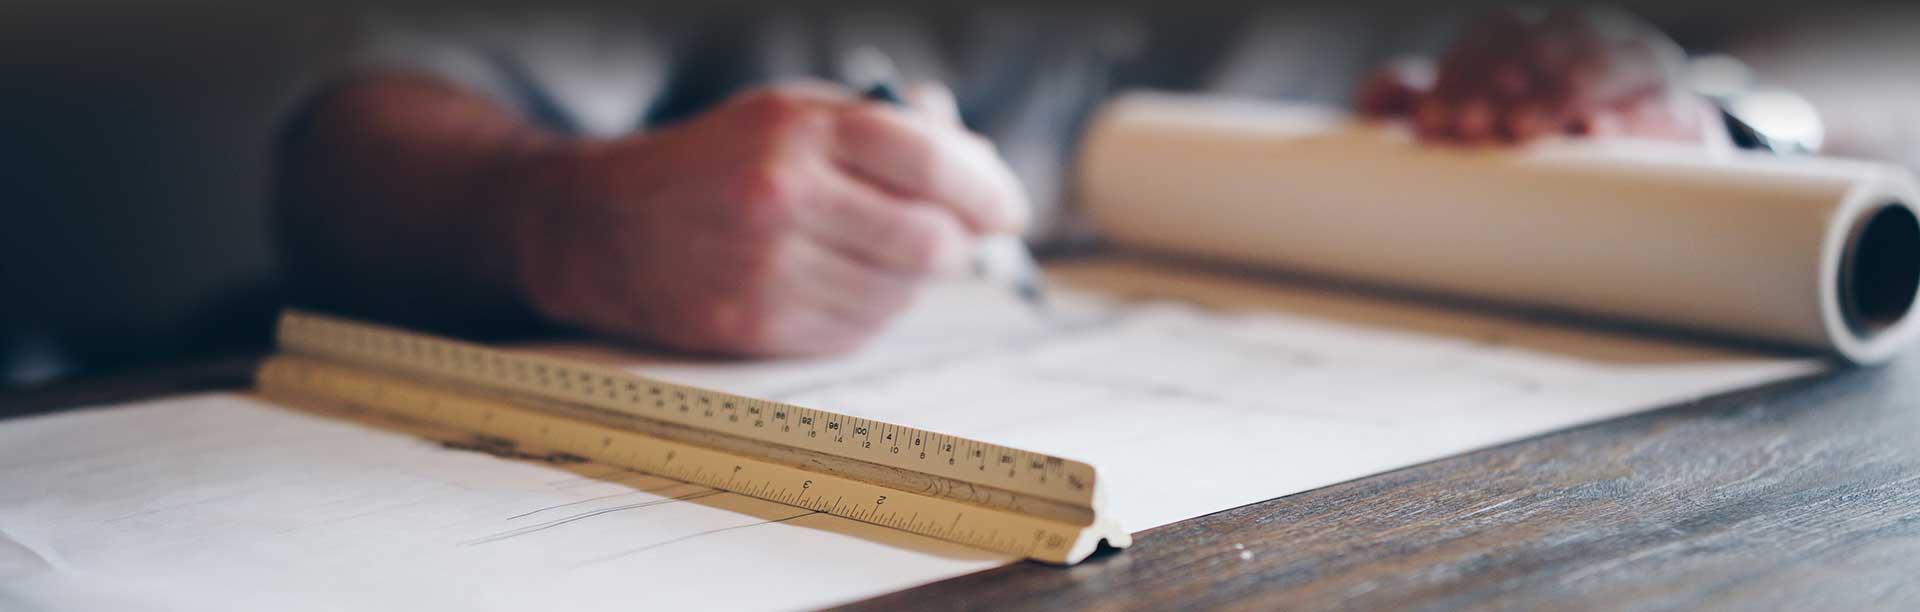 Design Guild Remodeled Homes And Custom Home Builders For Bellevue, Mercer  Island, Redmond,